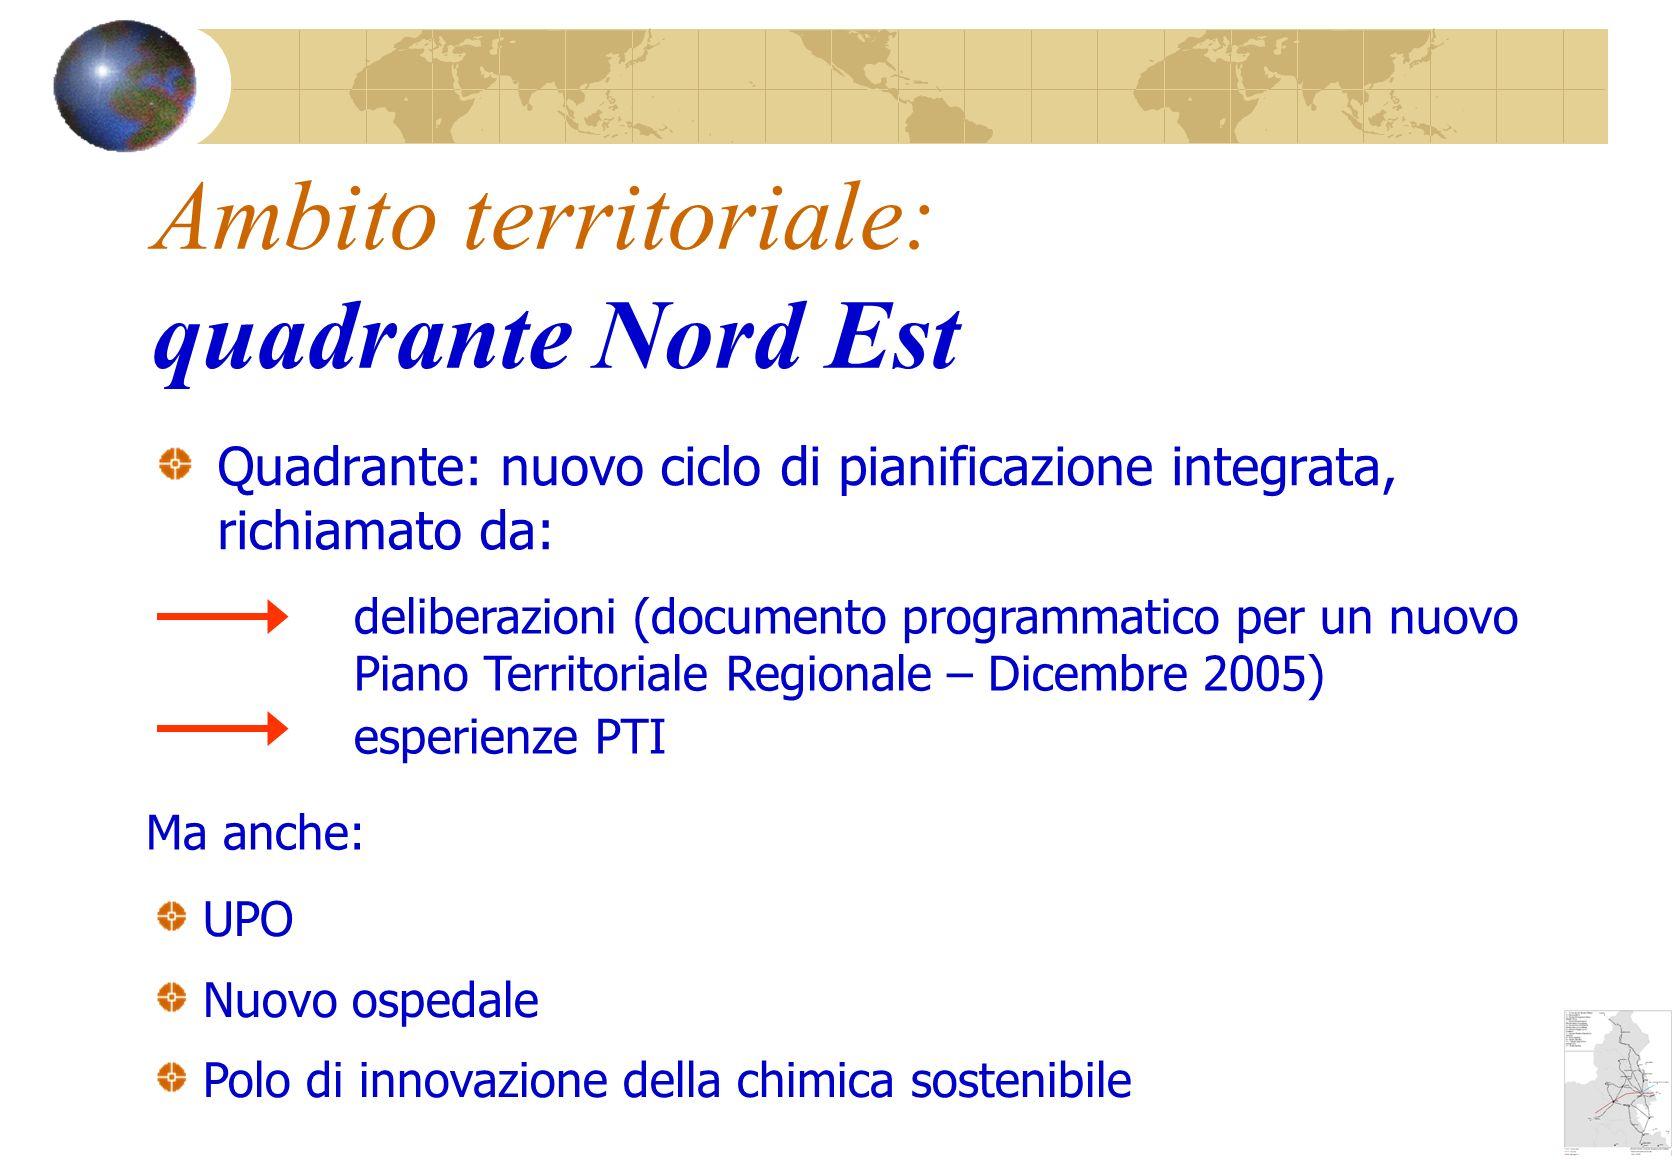 Quadrante: nuovo ciclo di pianificazione integrata, richiamato da: Ambito territoriale: quadrante Nord Est UPO Nuovo ospedale Polo di innovazione della chimica sostenibile deliberazioni (documento programmatico per un nuovo Piano Territoriale Regionale – Dicembre 2005) esperienze PTI Ma anche: